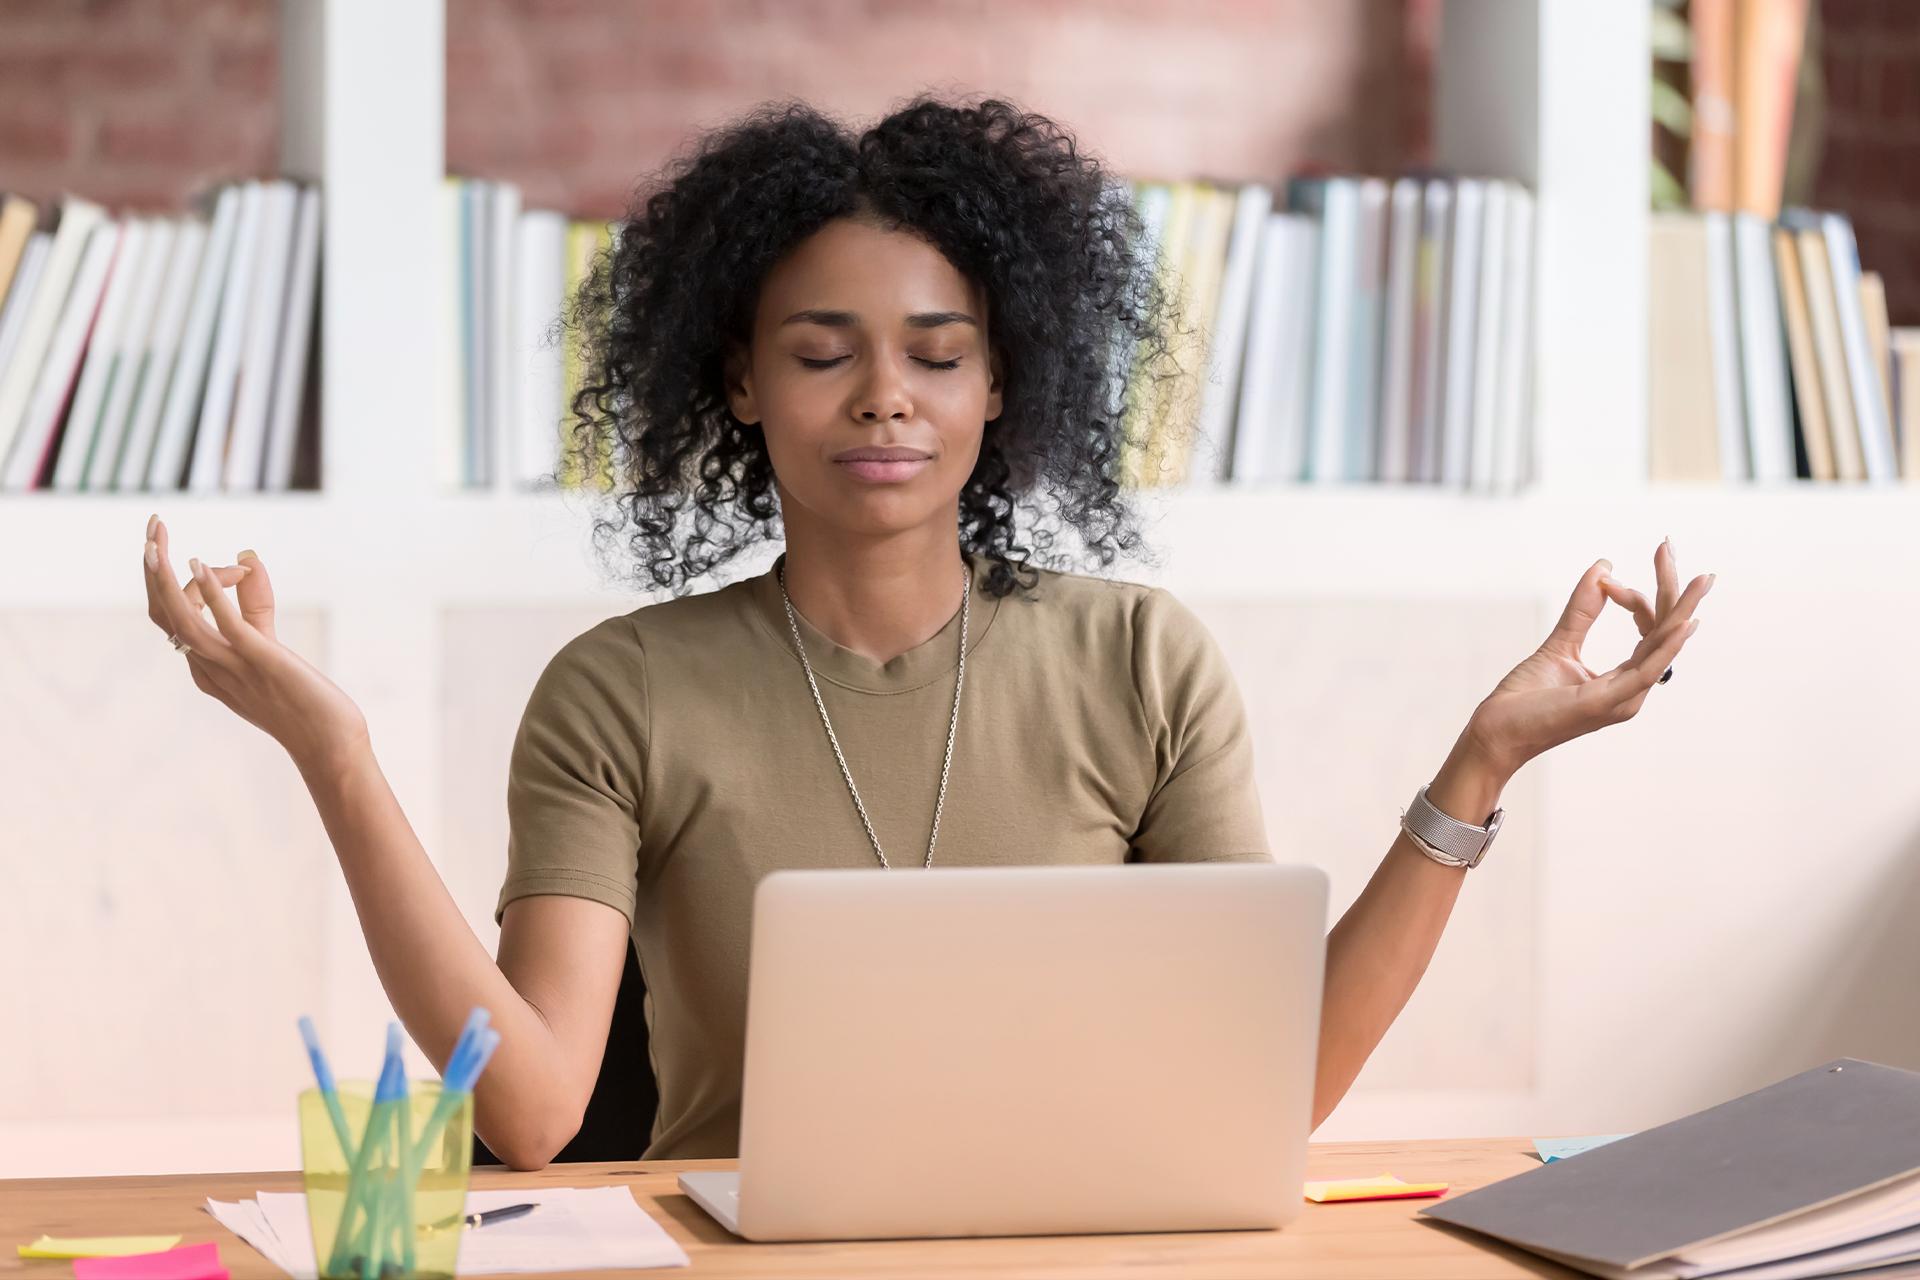 Veja 5 dicas fundamentais para exercer uma liderança consciente